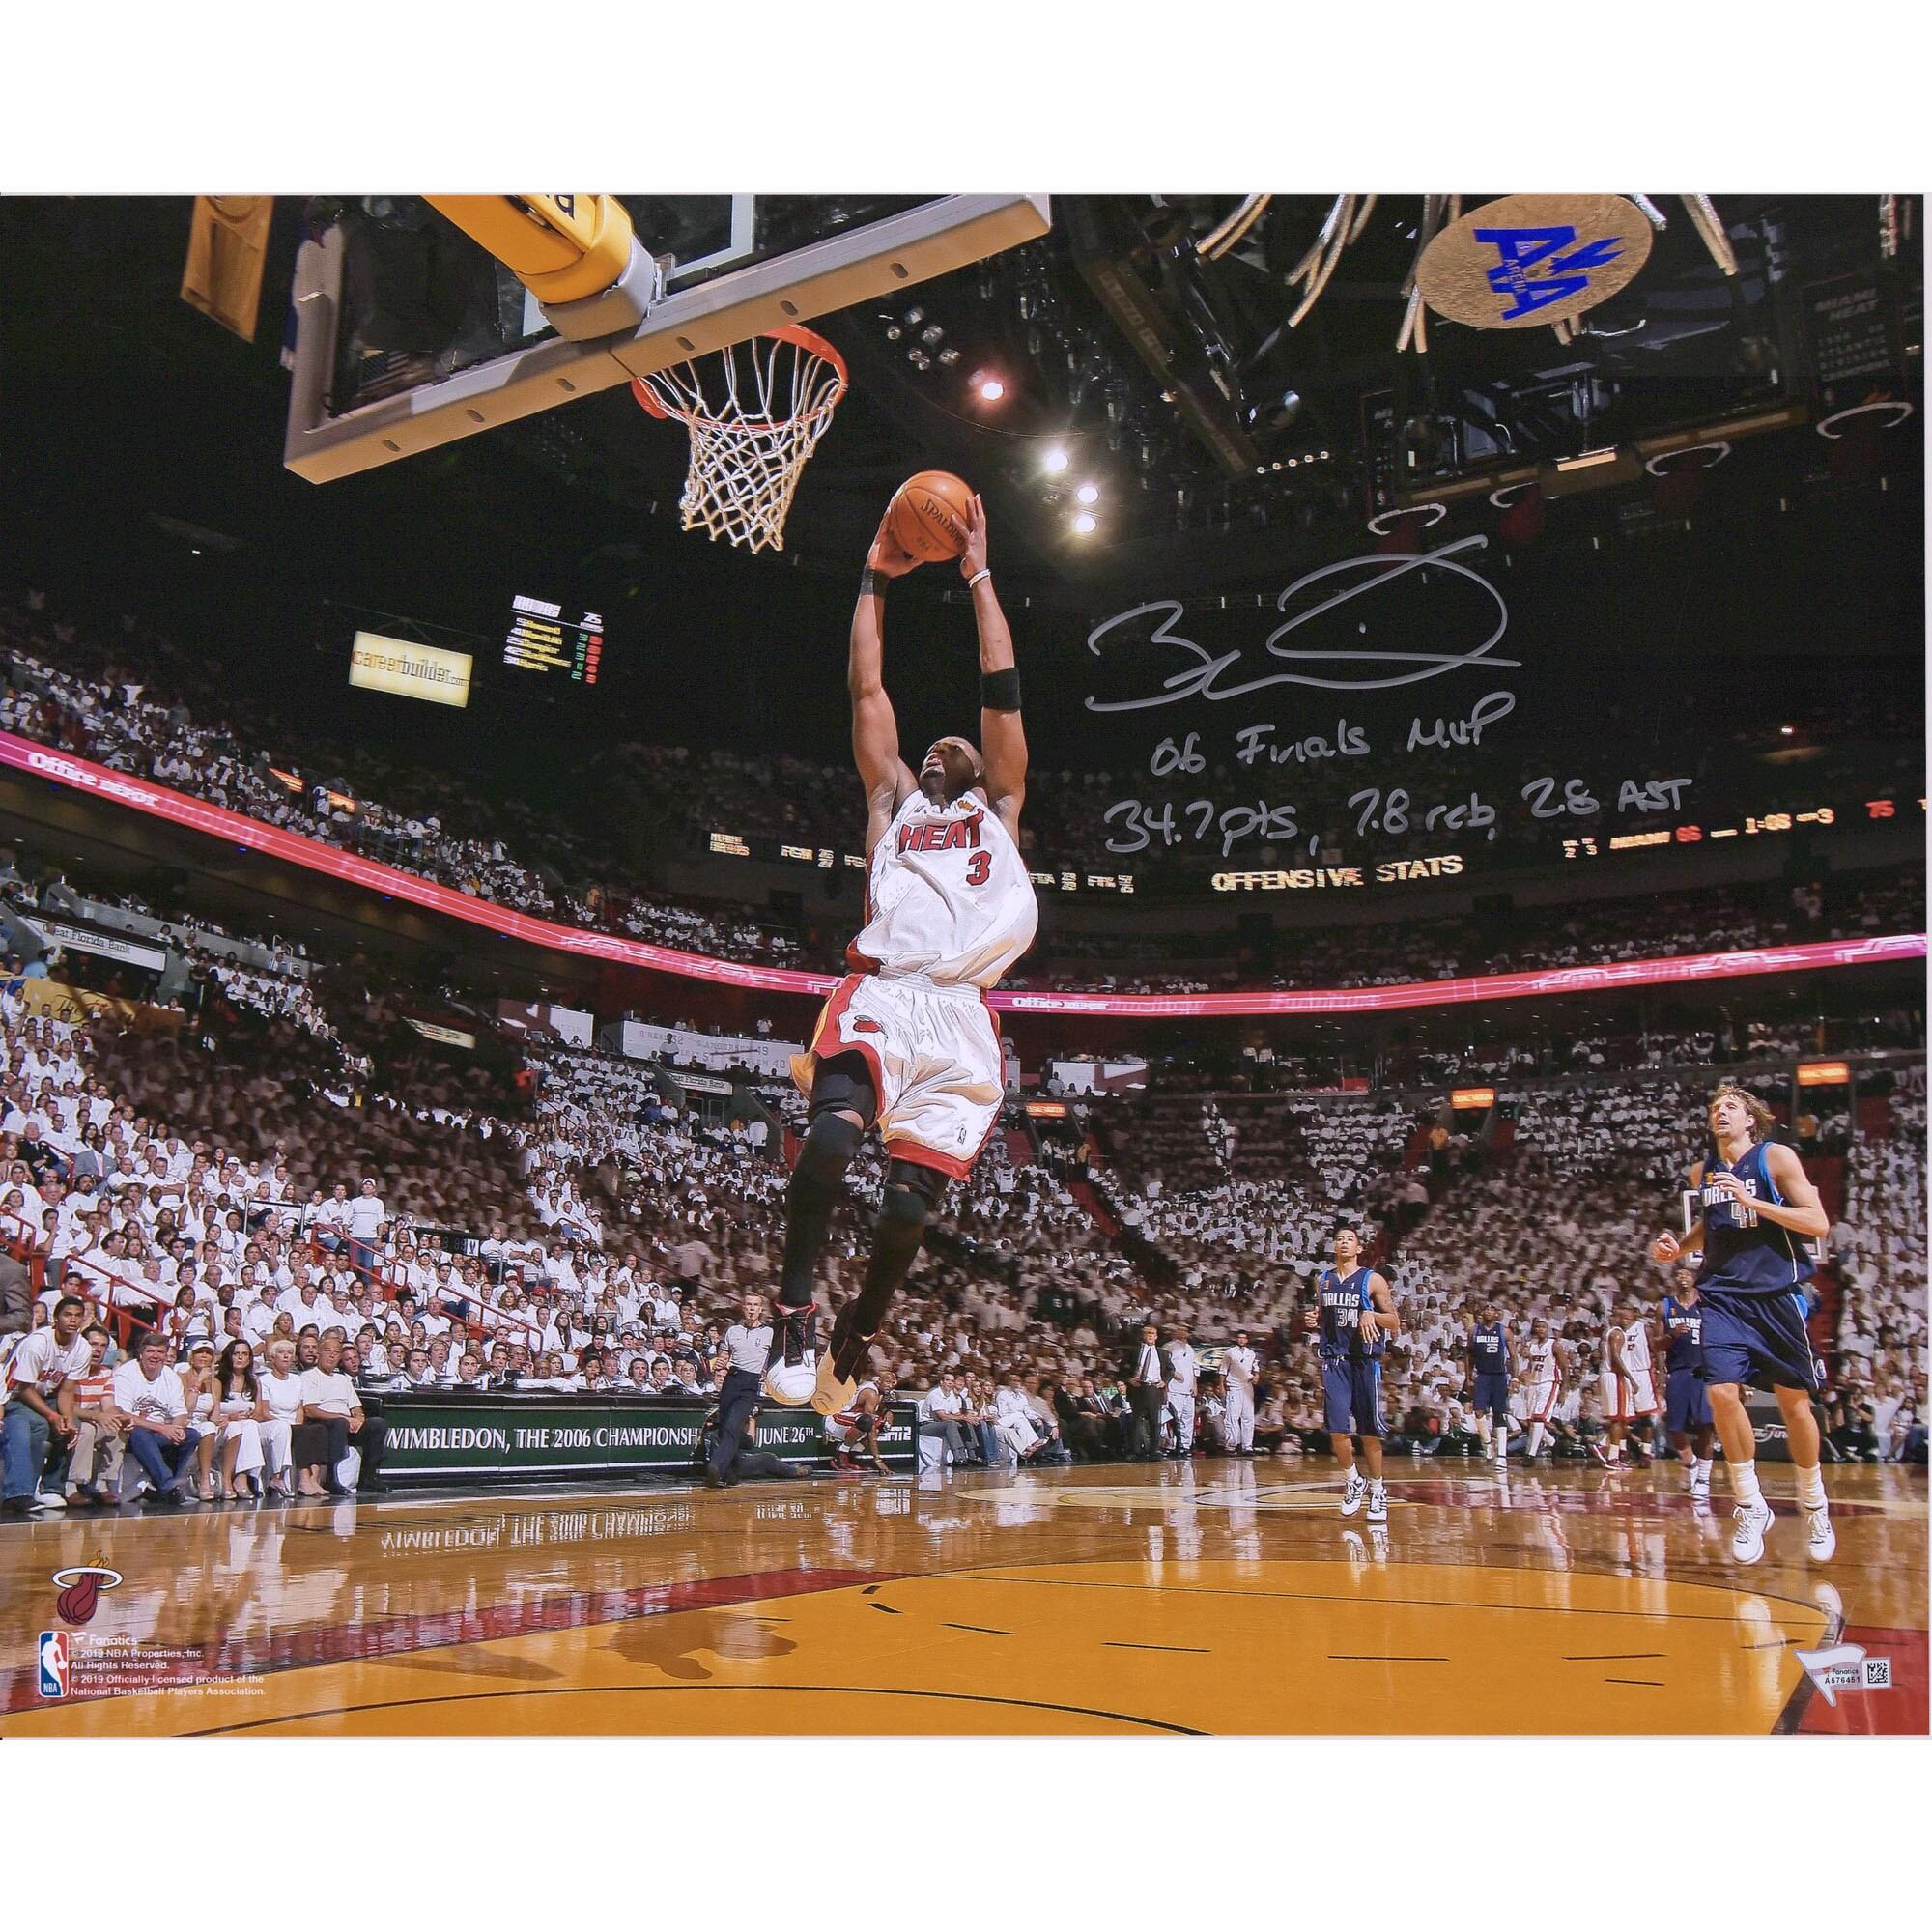 コレクション, サイングッズ  16x20 25 NBA Dwyane Wade Miami Heat Autographed 16x20 Photograph with Multiple Inscriptions - Limited Edition of 25 Fanatics Authentic